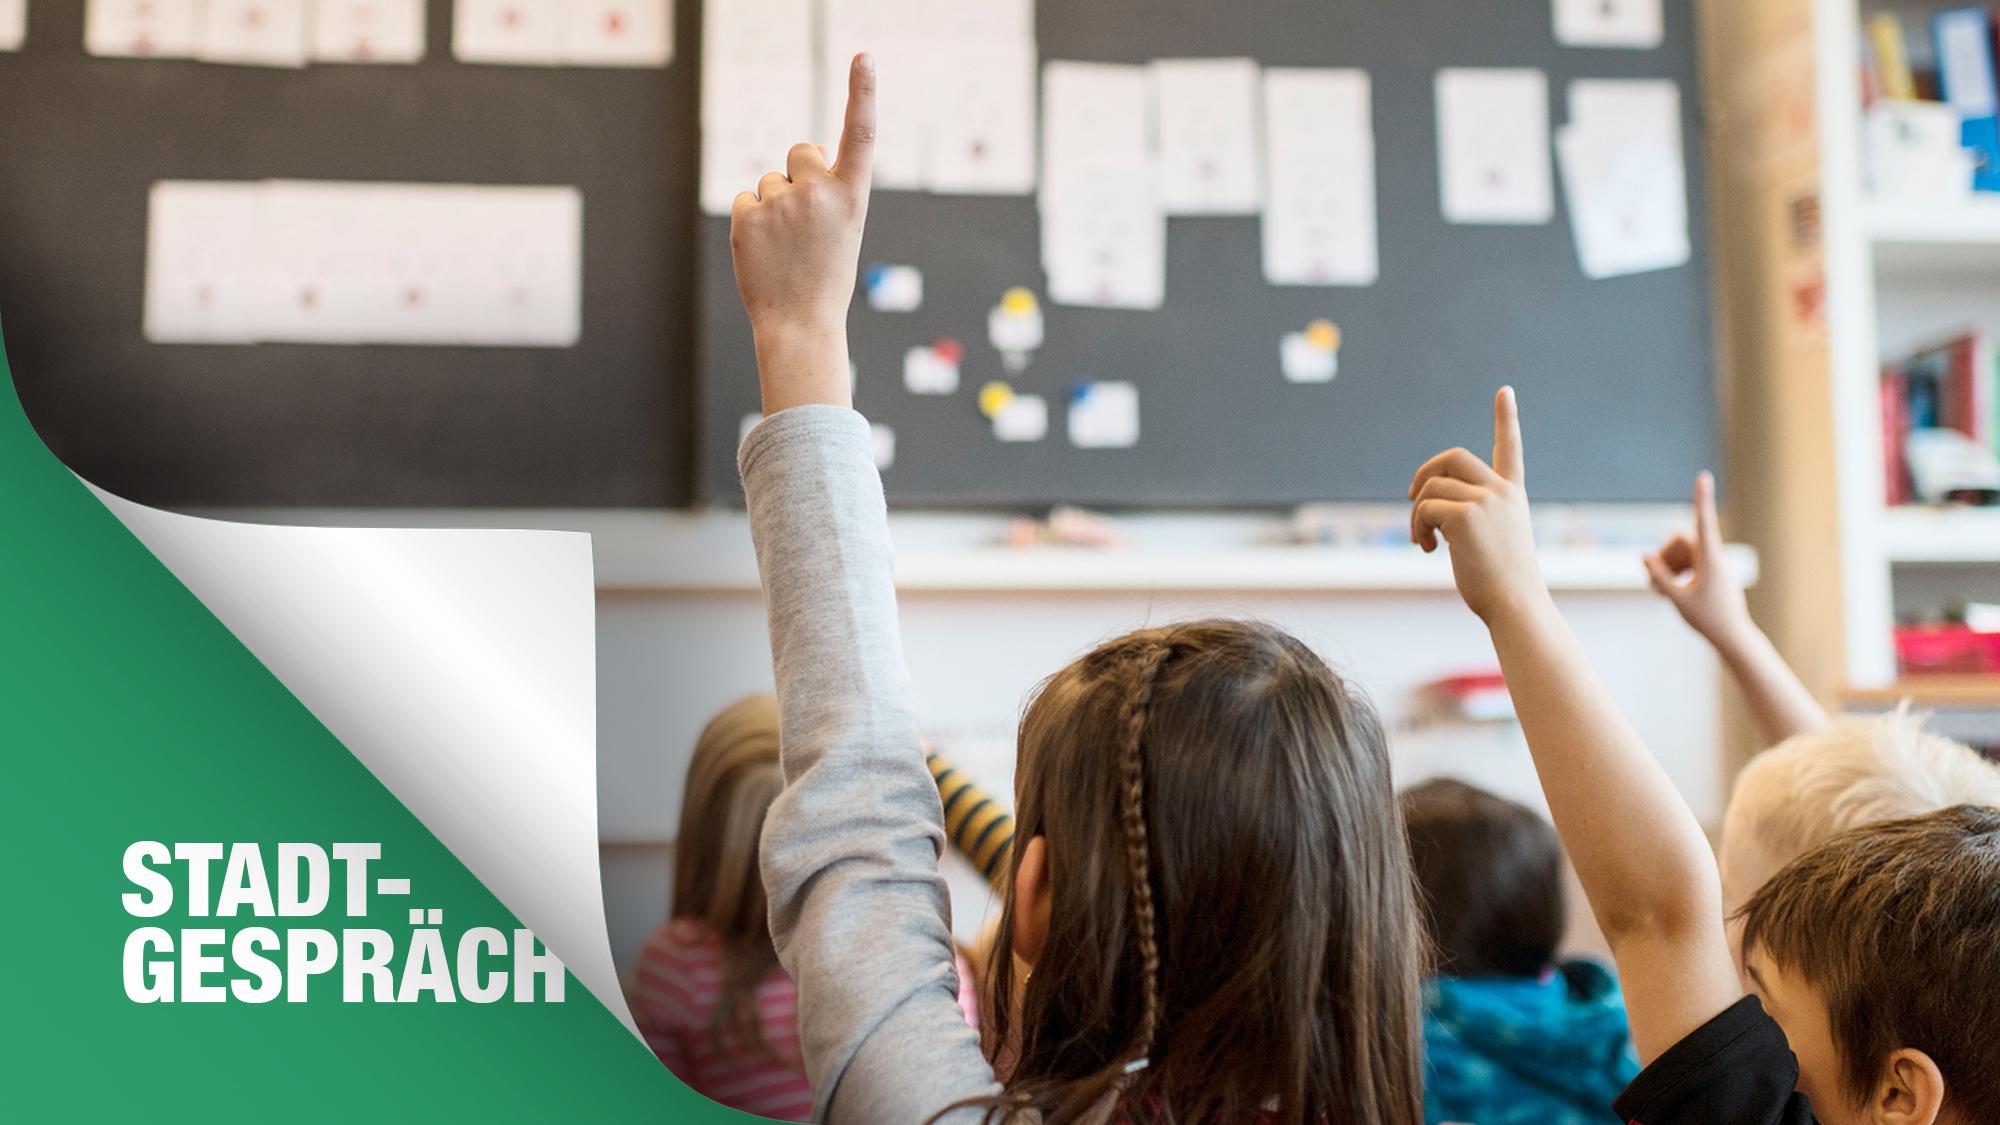 Manche Schweizer, die im Elsass wohnen, wollen ihre Kinder nicht dort zur Schule schicken. Aber welche Alternativen gibt es?